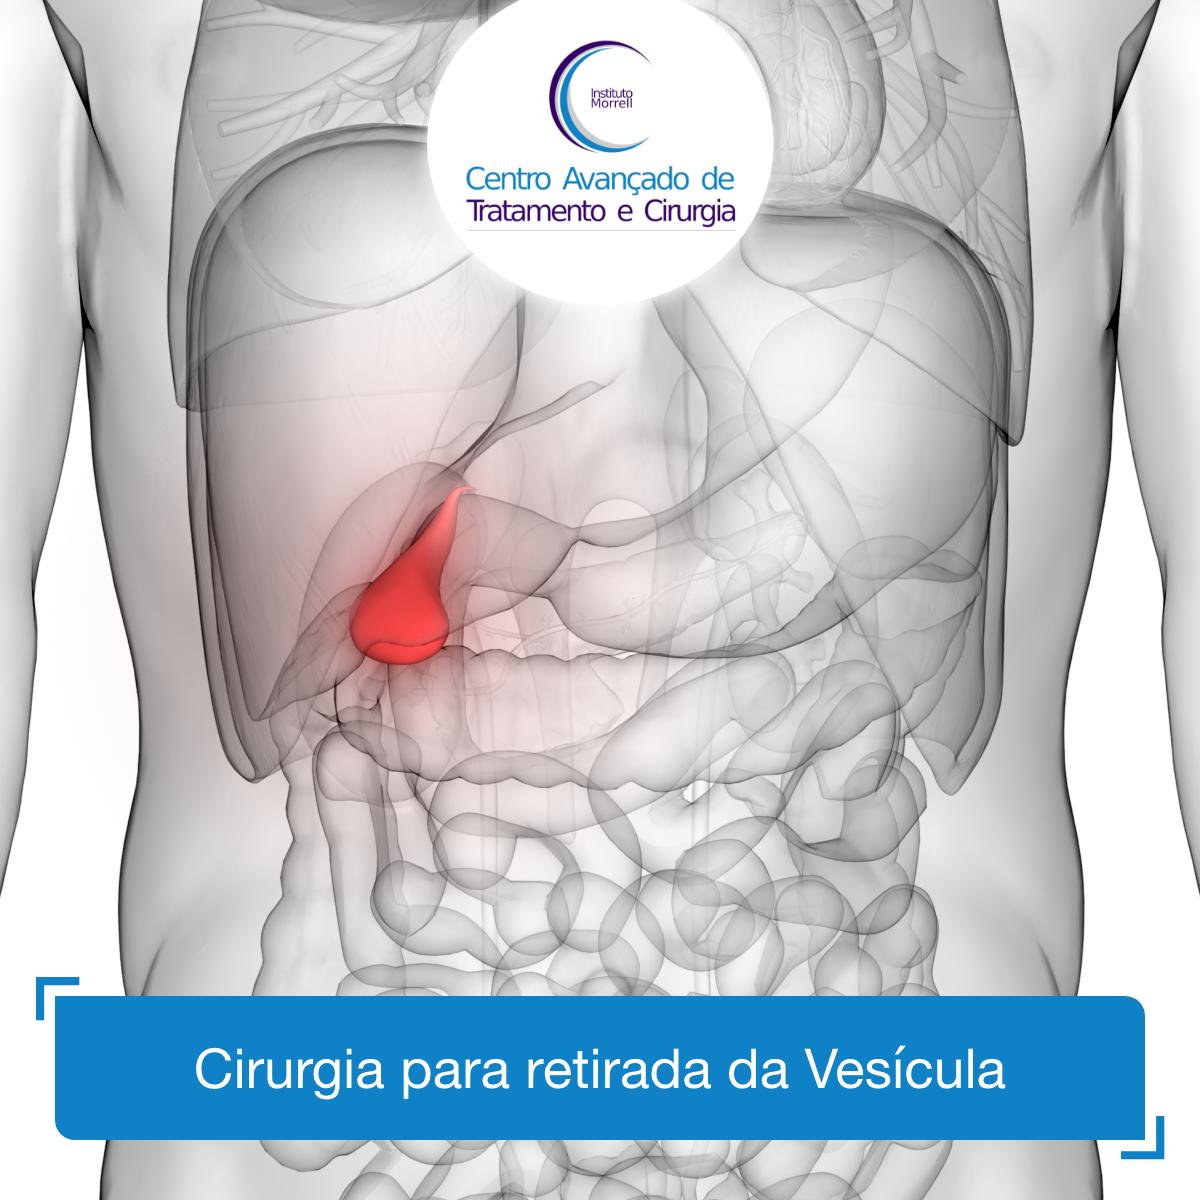 INSTITUTO_MORRELL-2018-Cirurgia_para_retirada_da_Vesícula-1200x1200.png